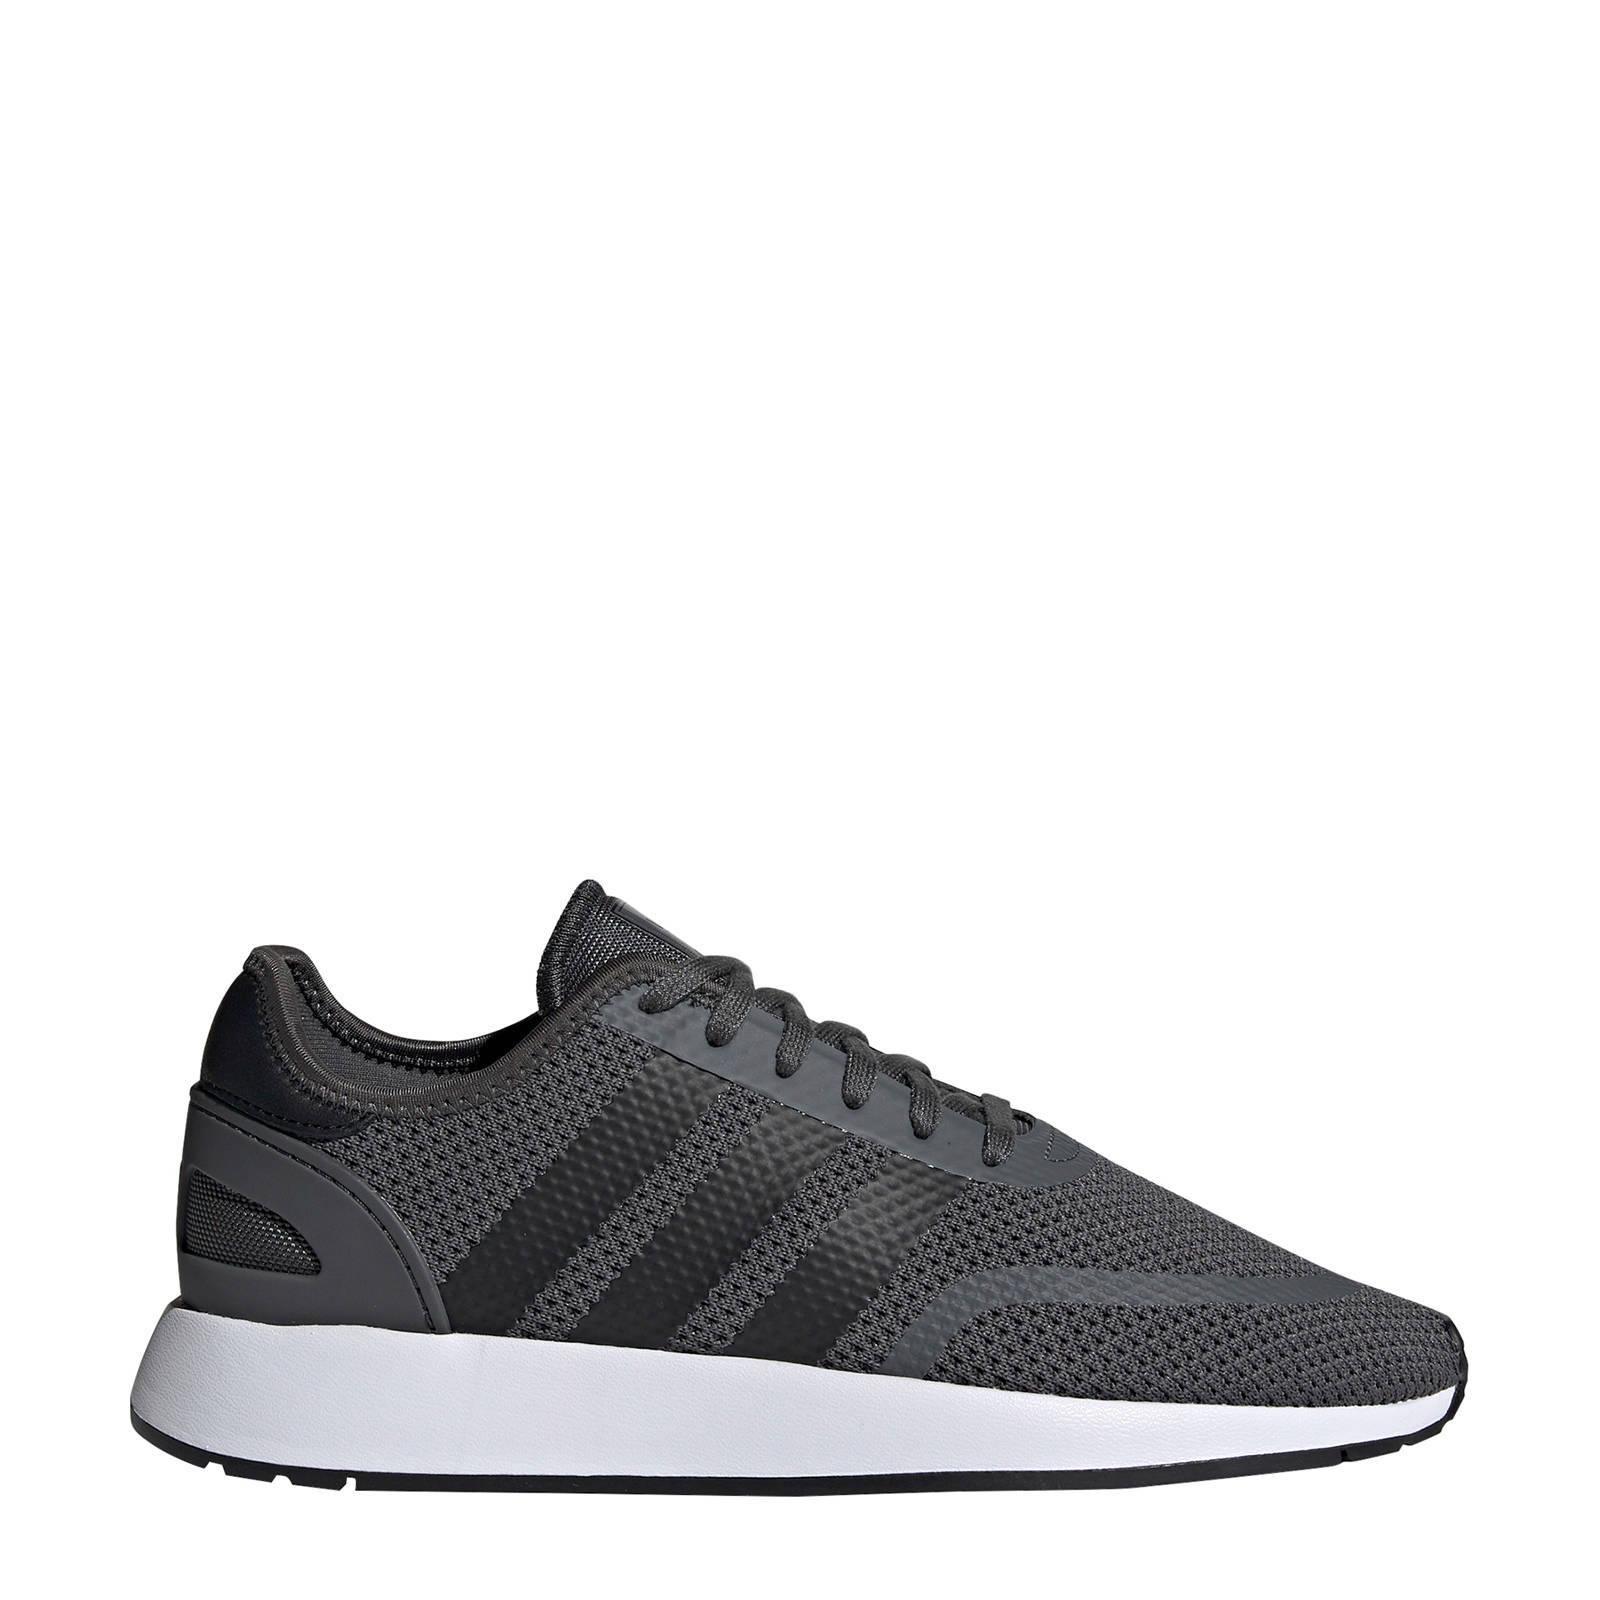 Originals Vanaf Bezorging Adidas Gratis Wehkamp Bij Schoenen